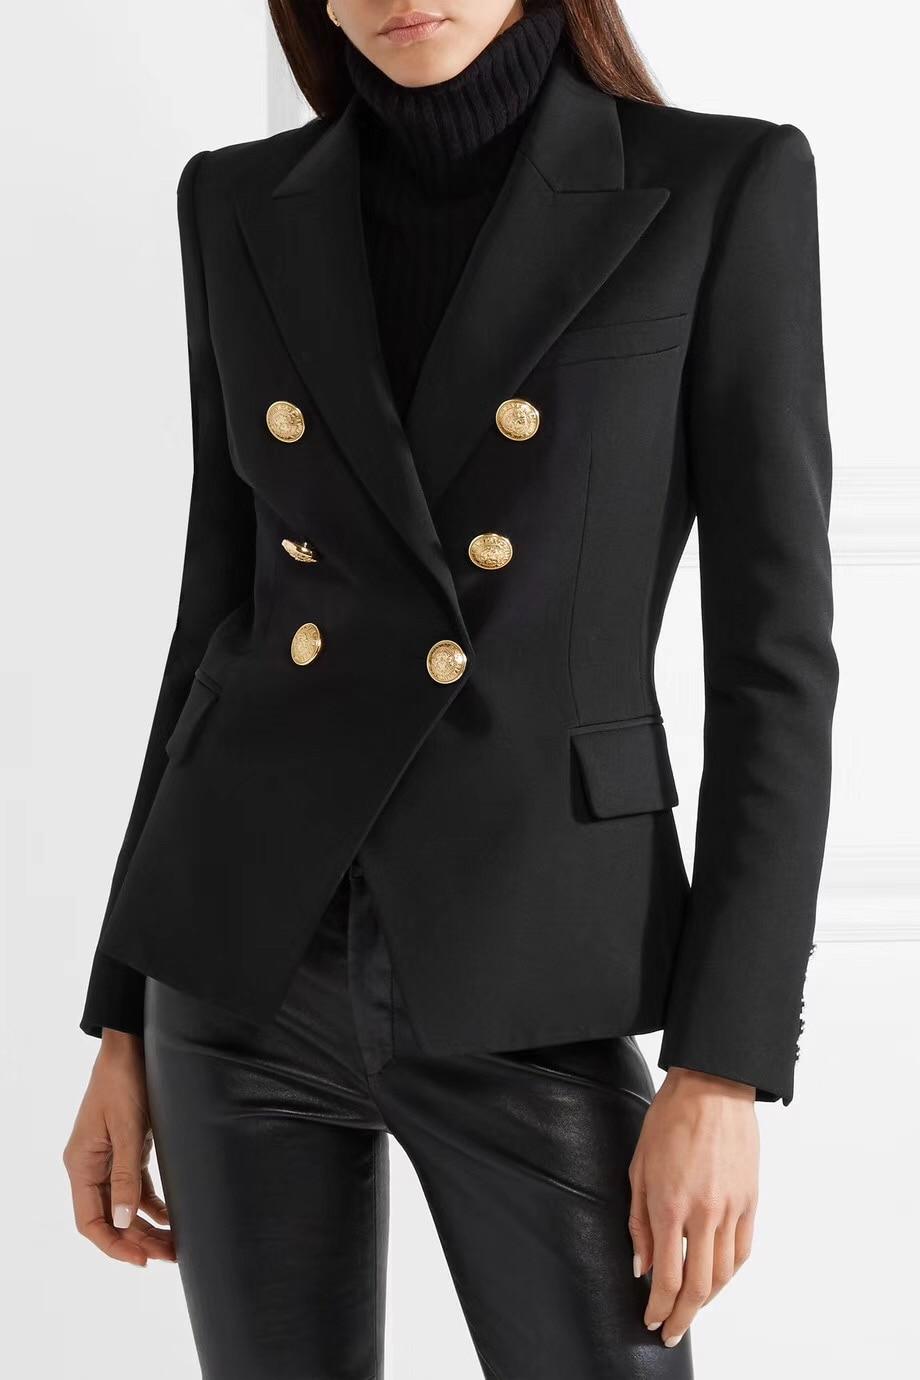 ¡Calidad superior! Blazer clásico de sarga negra de doble botonadura con botón en relieve dorado hasta chaquetas de manga larga para mujer-in chaqueta de deporte from Ropa de mujer    3